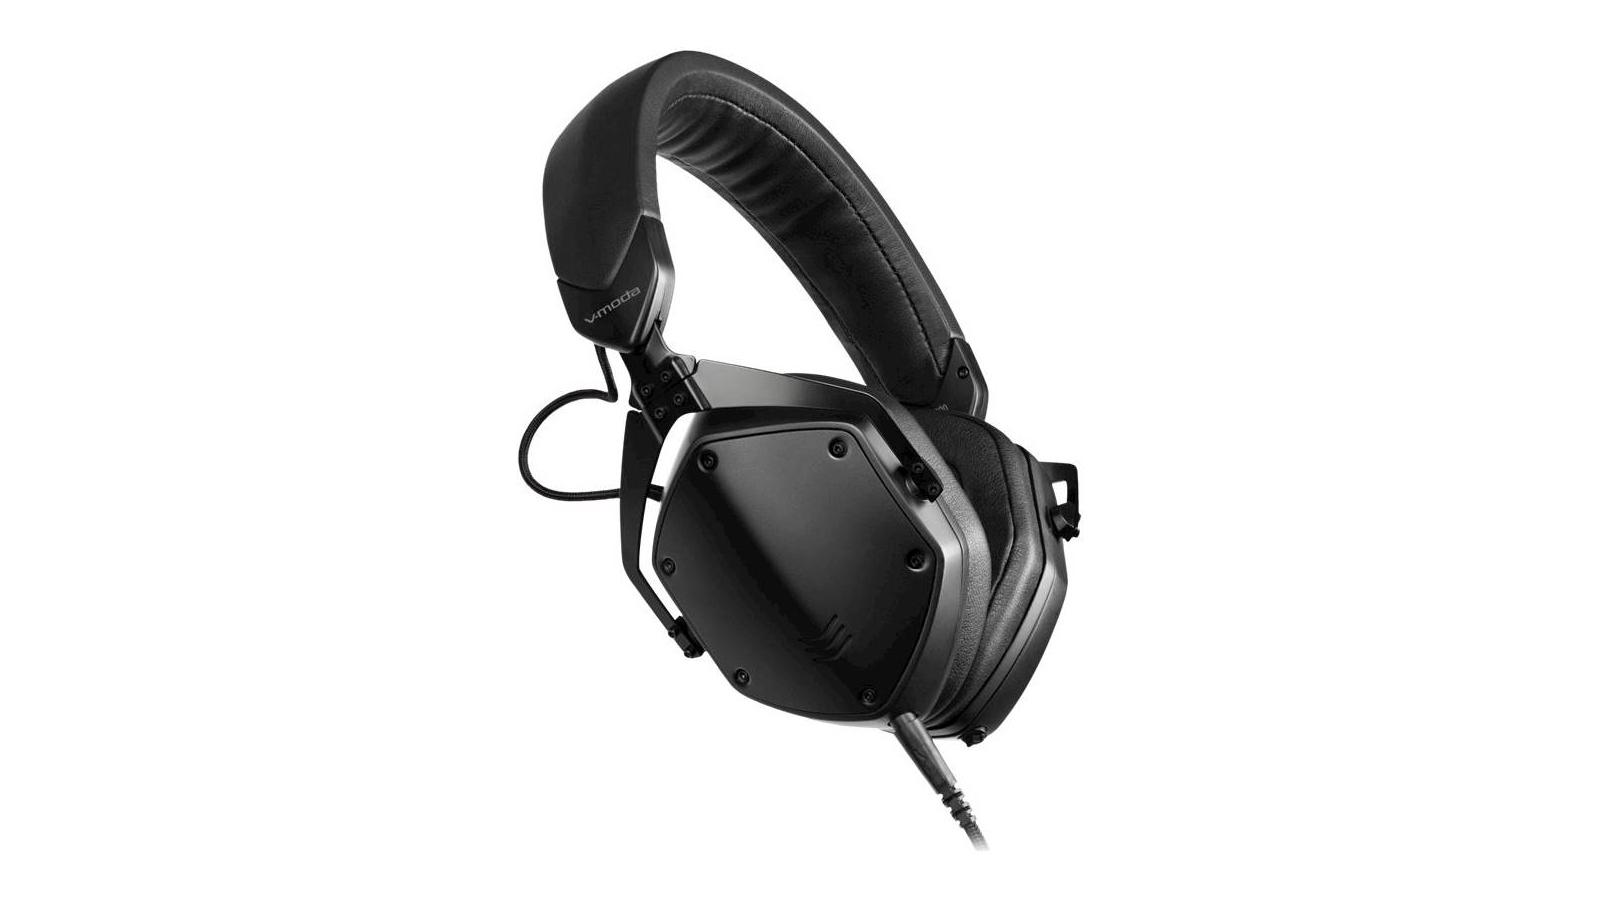 The V-Moda M-200 Studio Headphones in black